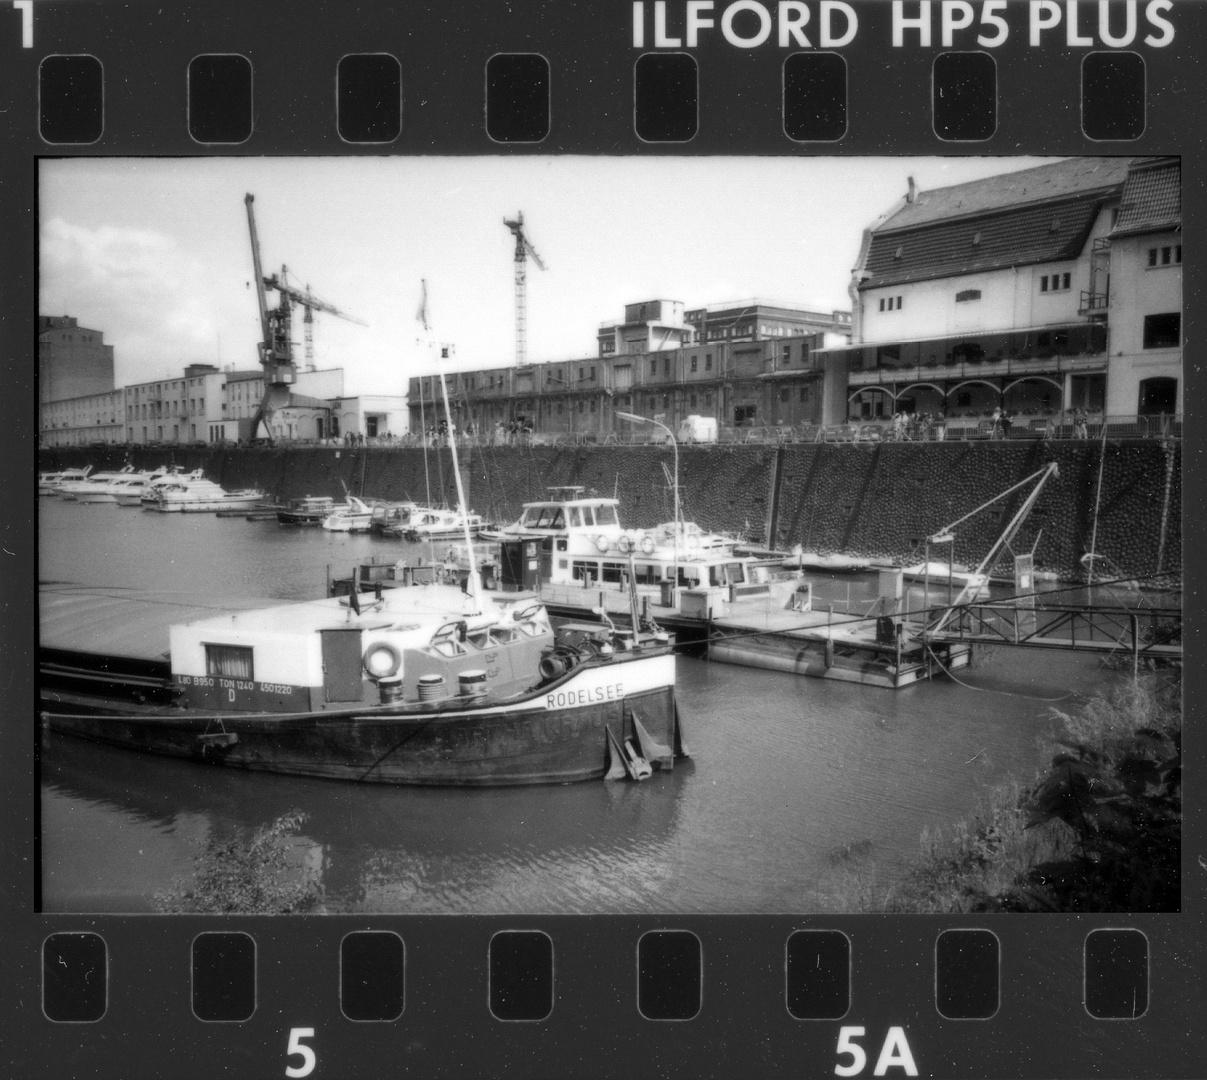 alterhafenschiffchen